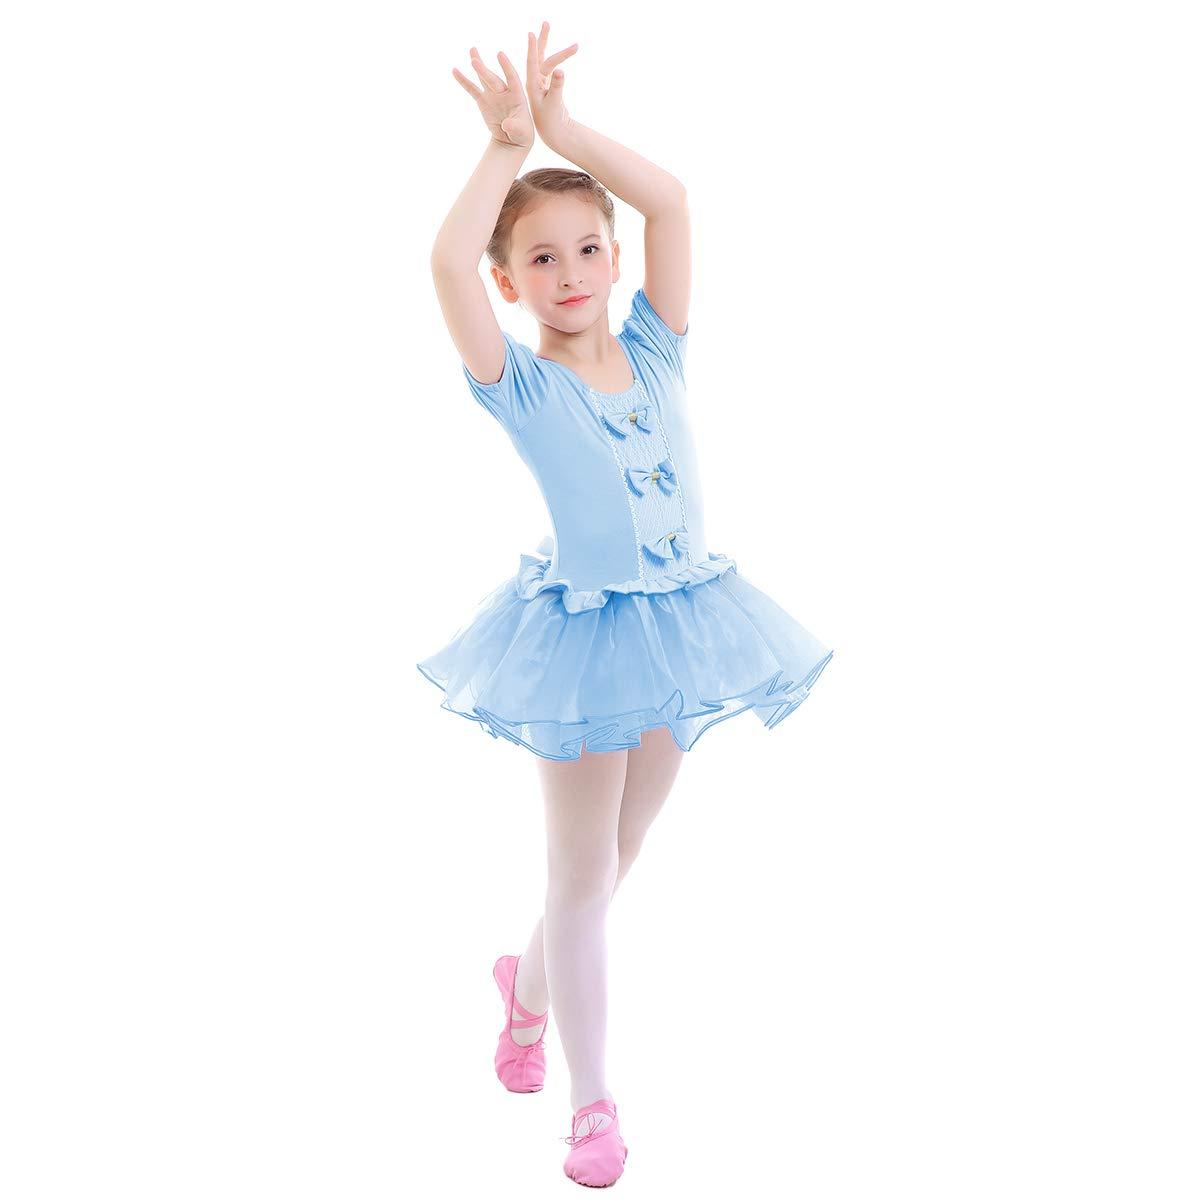 a505b3dc6686 Girls Ballet Dance Tutu Dress Leotard Ruffled Tulle Skirt Ballerina  Princess Cosplay Dress Baby Toddler Short ...